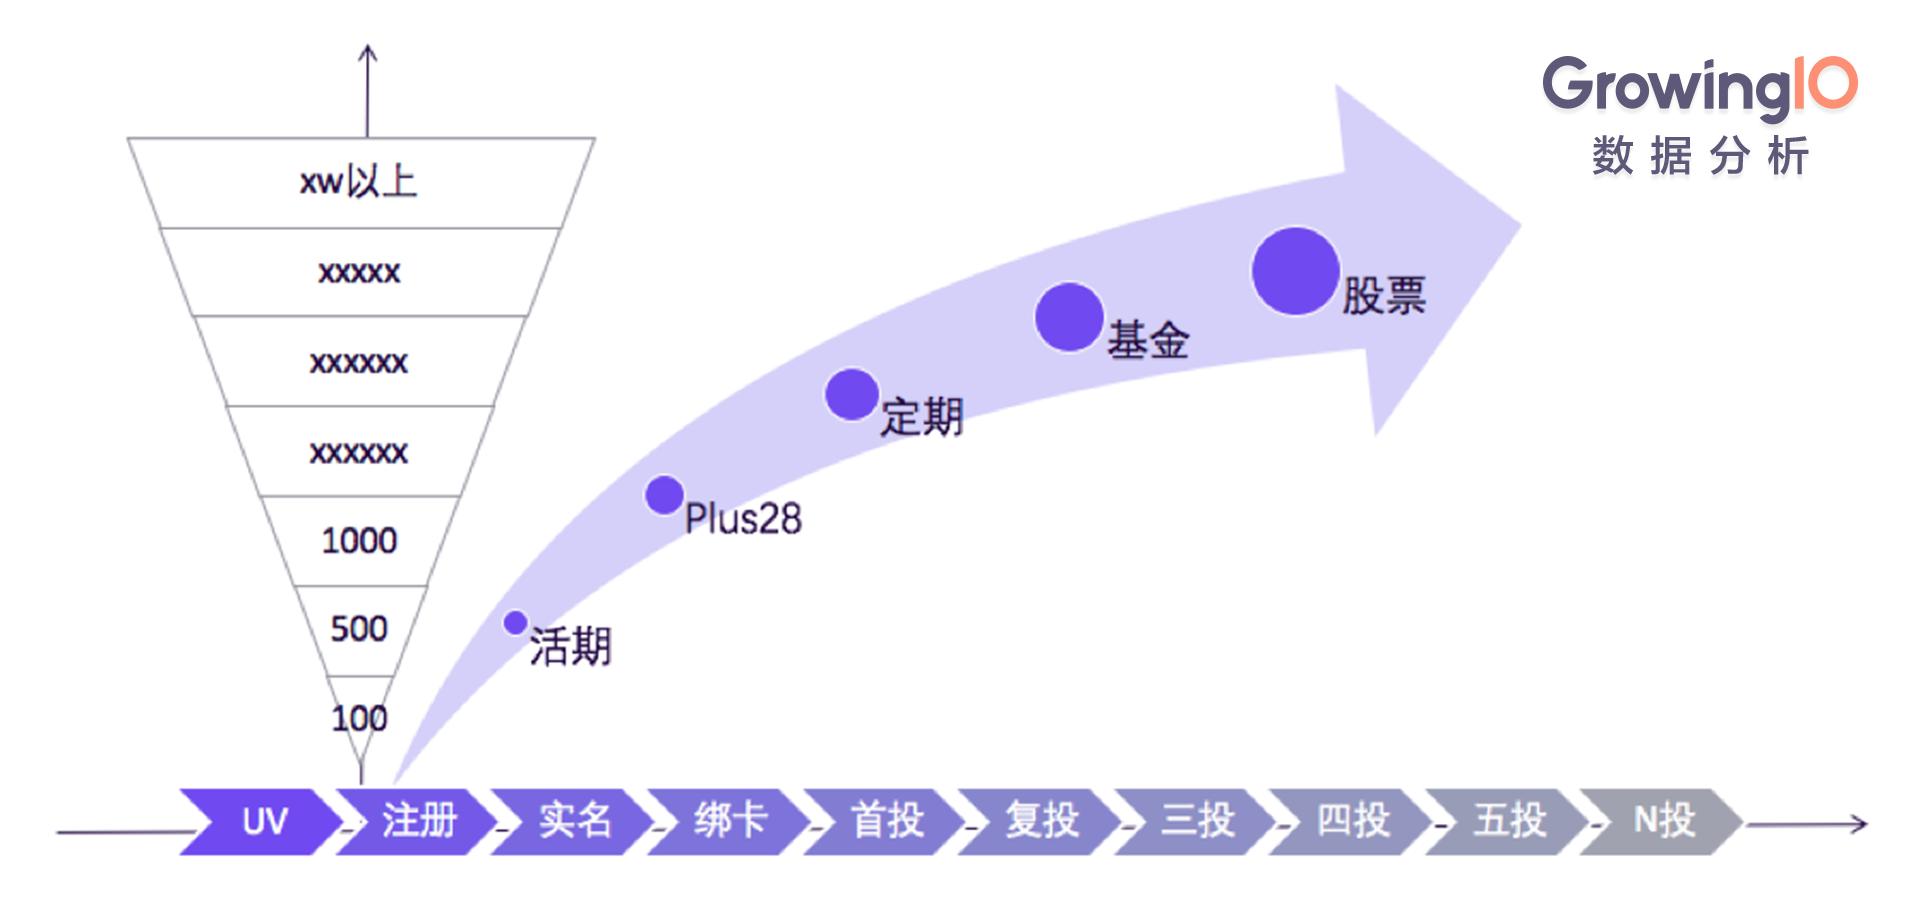 互联网金融:从0搭建用户增长体系